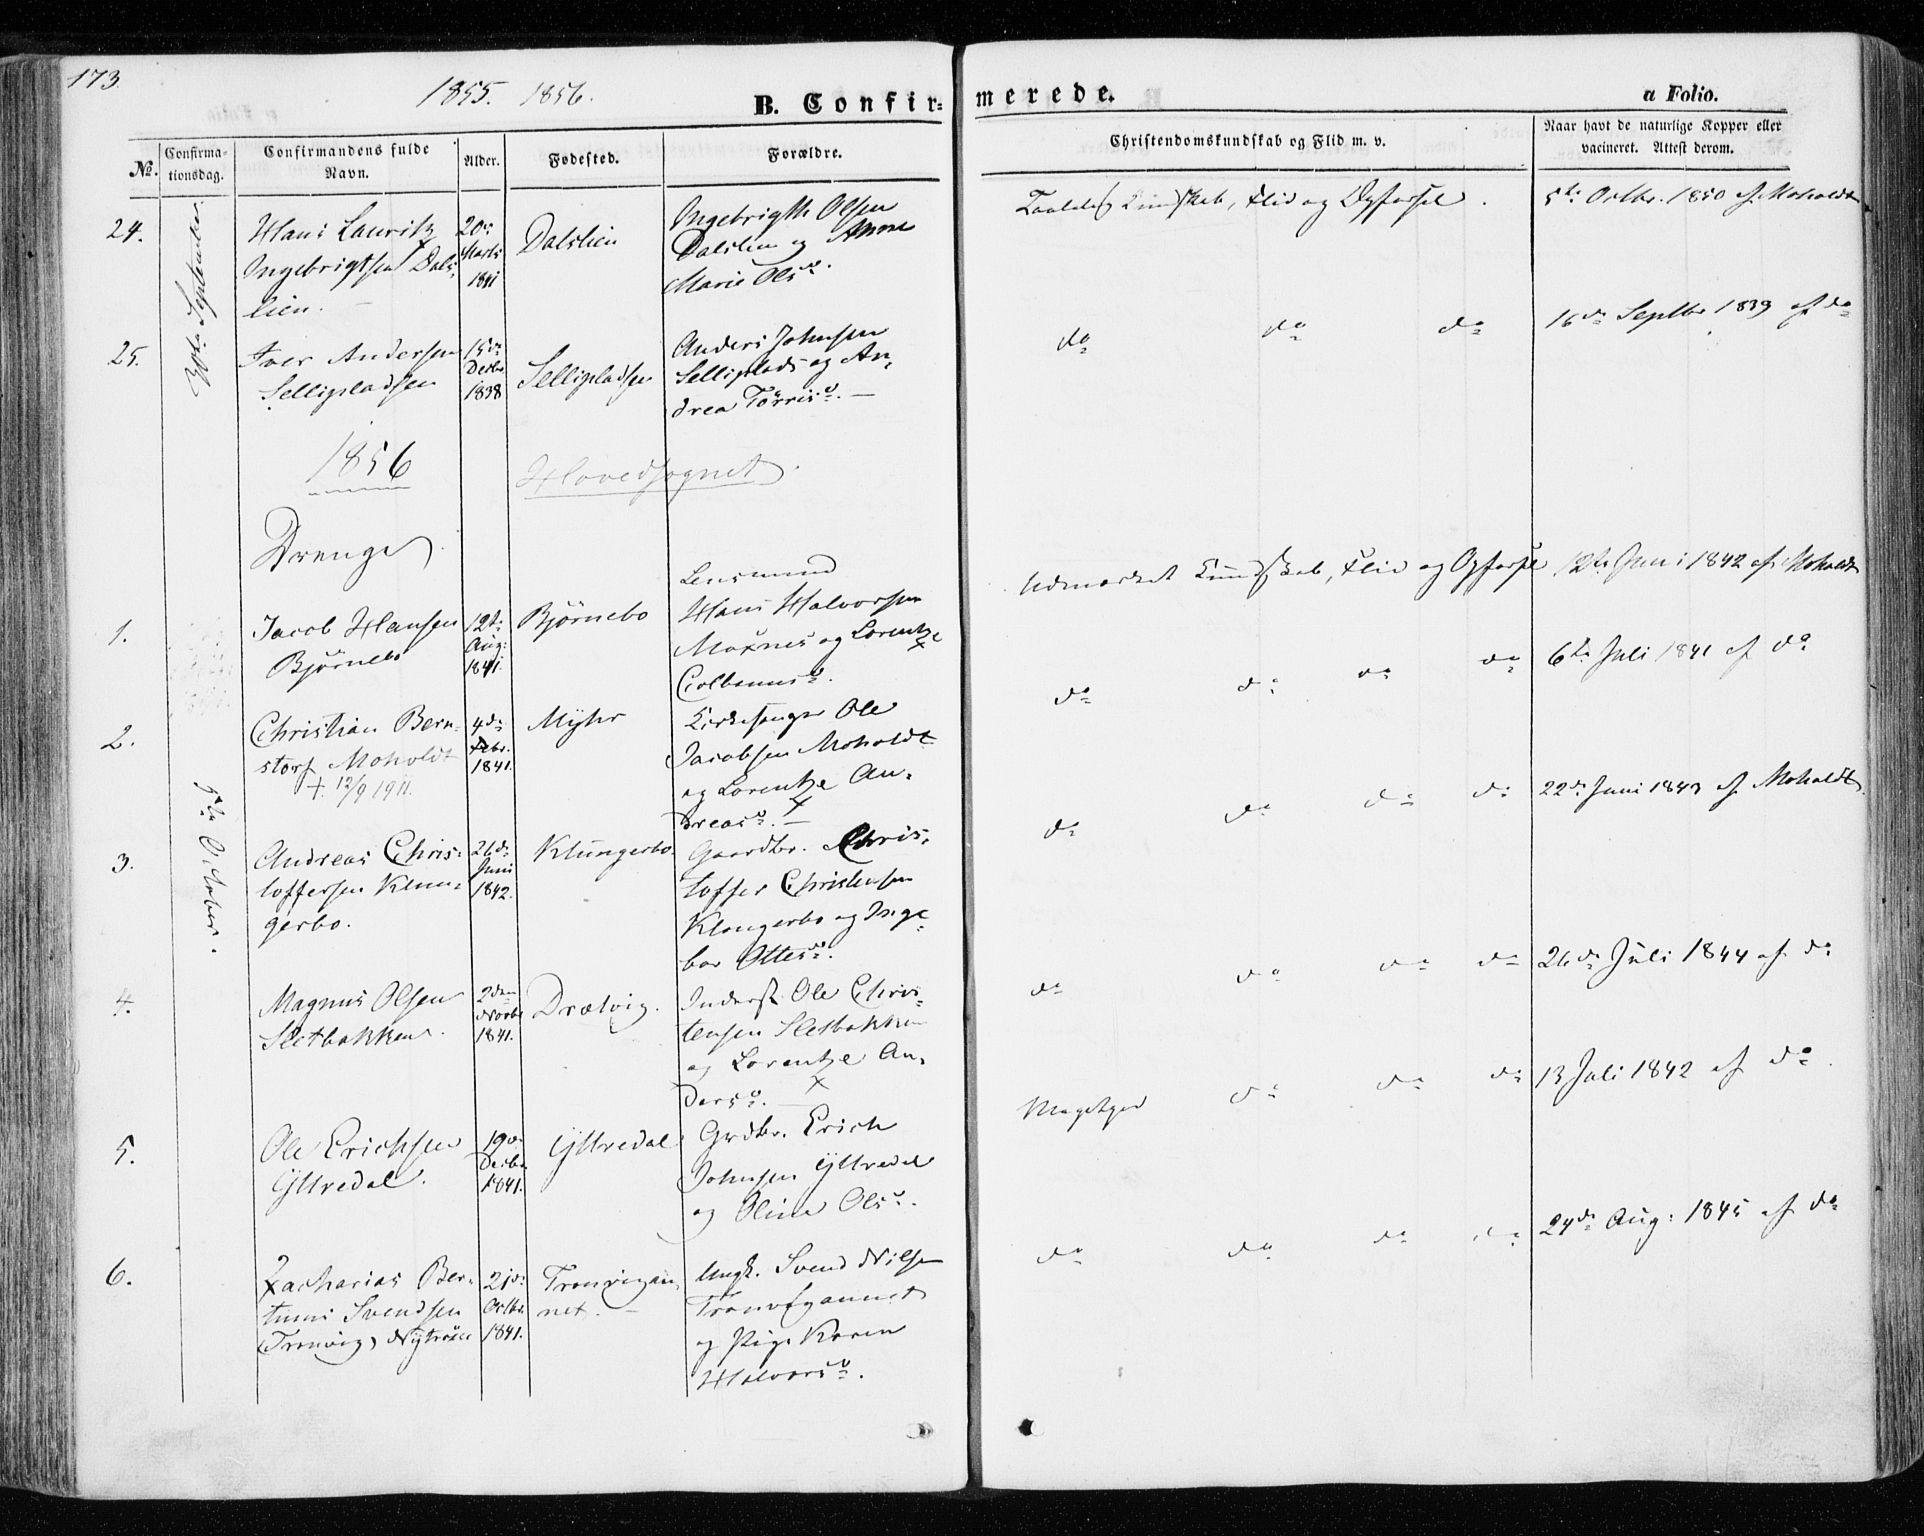 SAT, Ministerialprotokoller, klokkerbøker og fødselsregistre - Nord-Trøndelag, 701/L0008: Ministerialbok nr. 701A08 /1, 1854-1863, s. 173